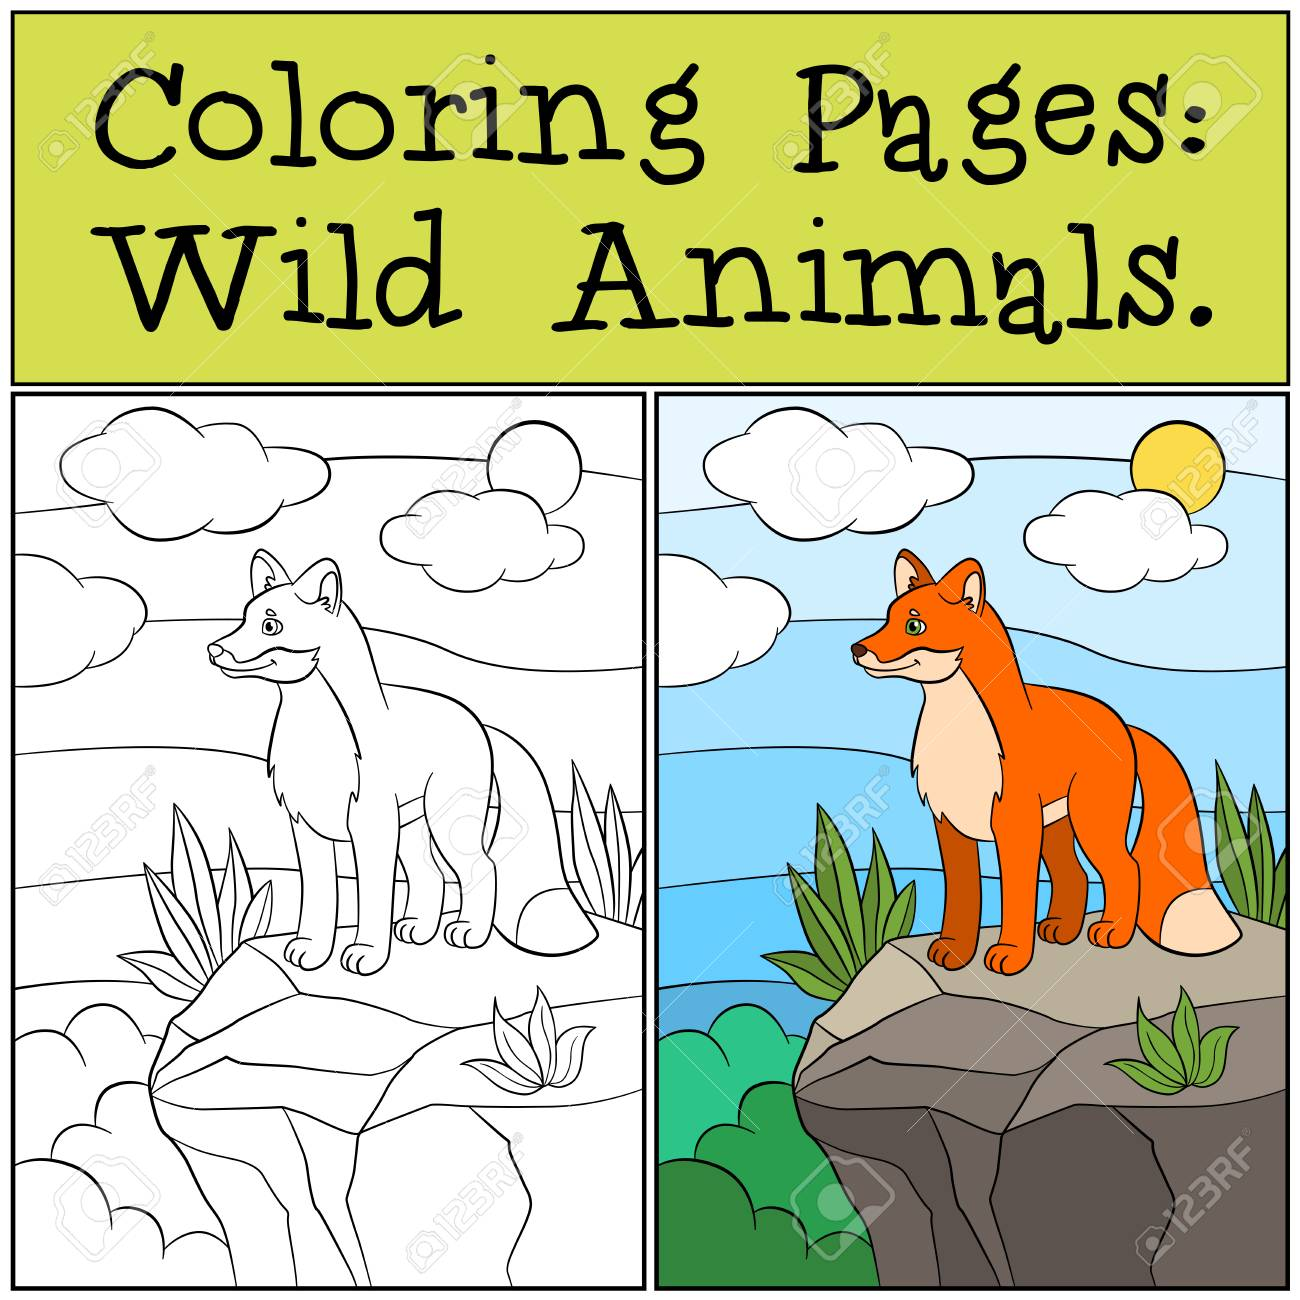 Páginas Para Colorear: Animales Salvajes. Pequeño Zorro Lindo Se ...